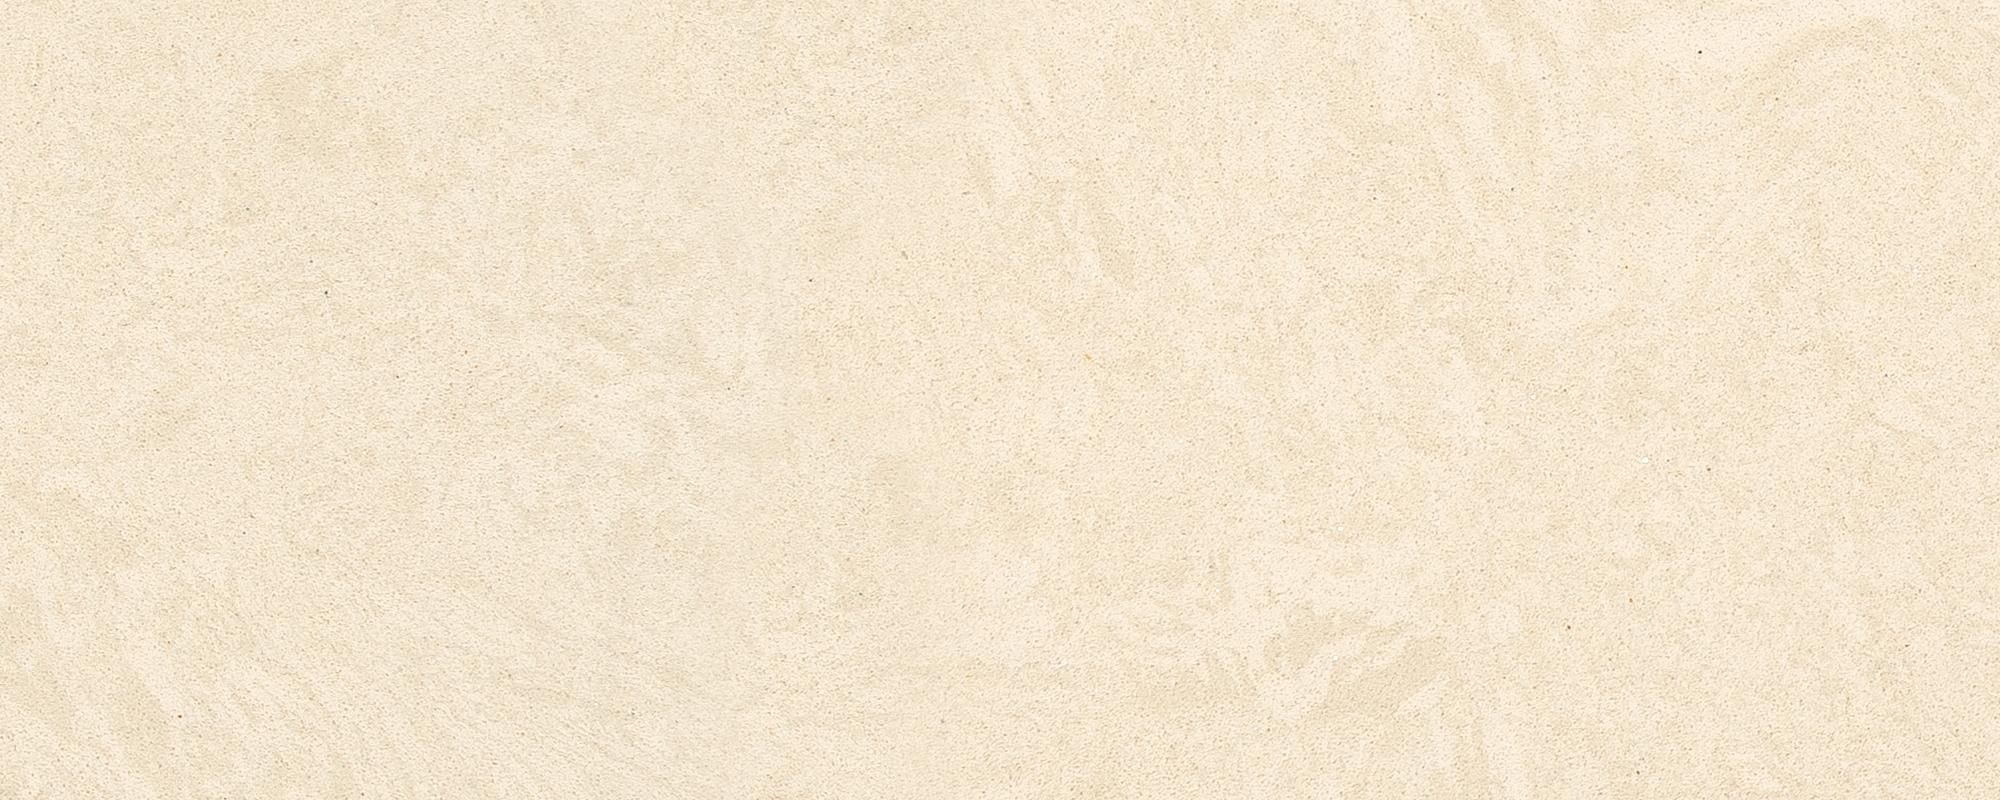 Marmol de color beige faraya colecci n micro estilo compac for Colores beige